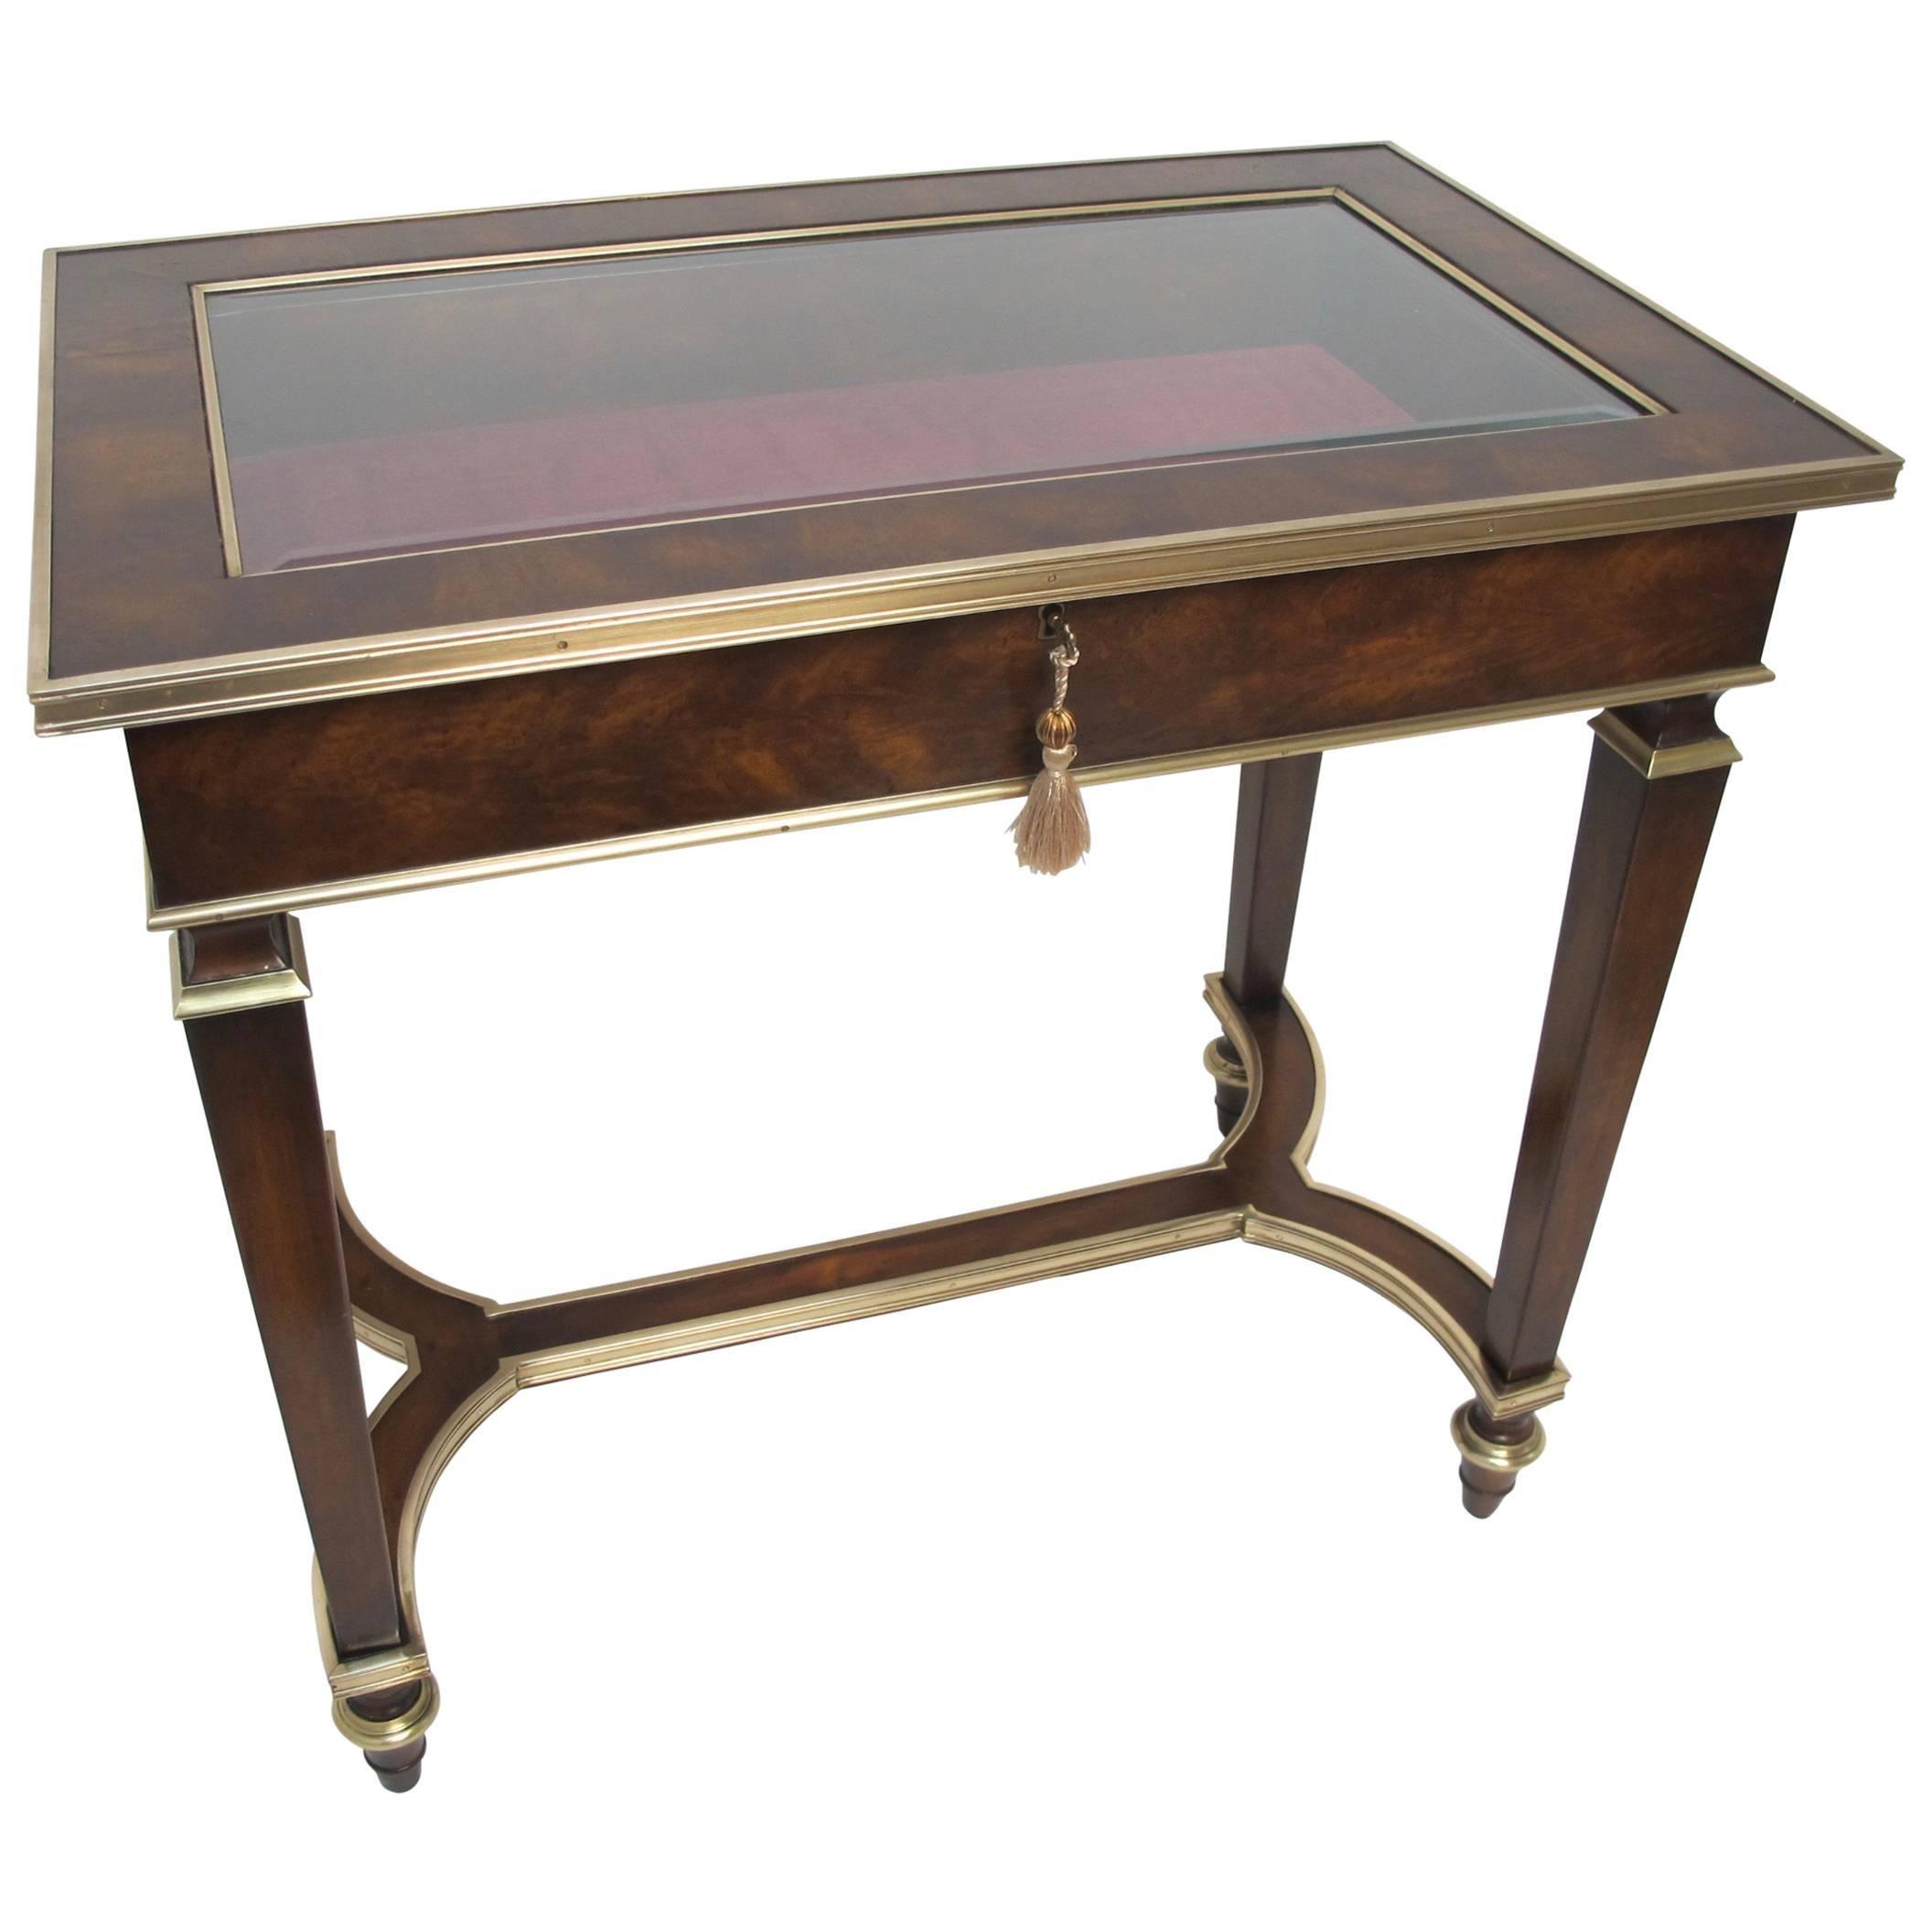 English Mahogany and Bronze Vitrine Table